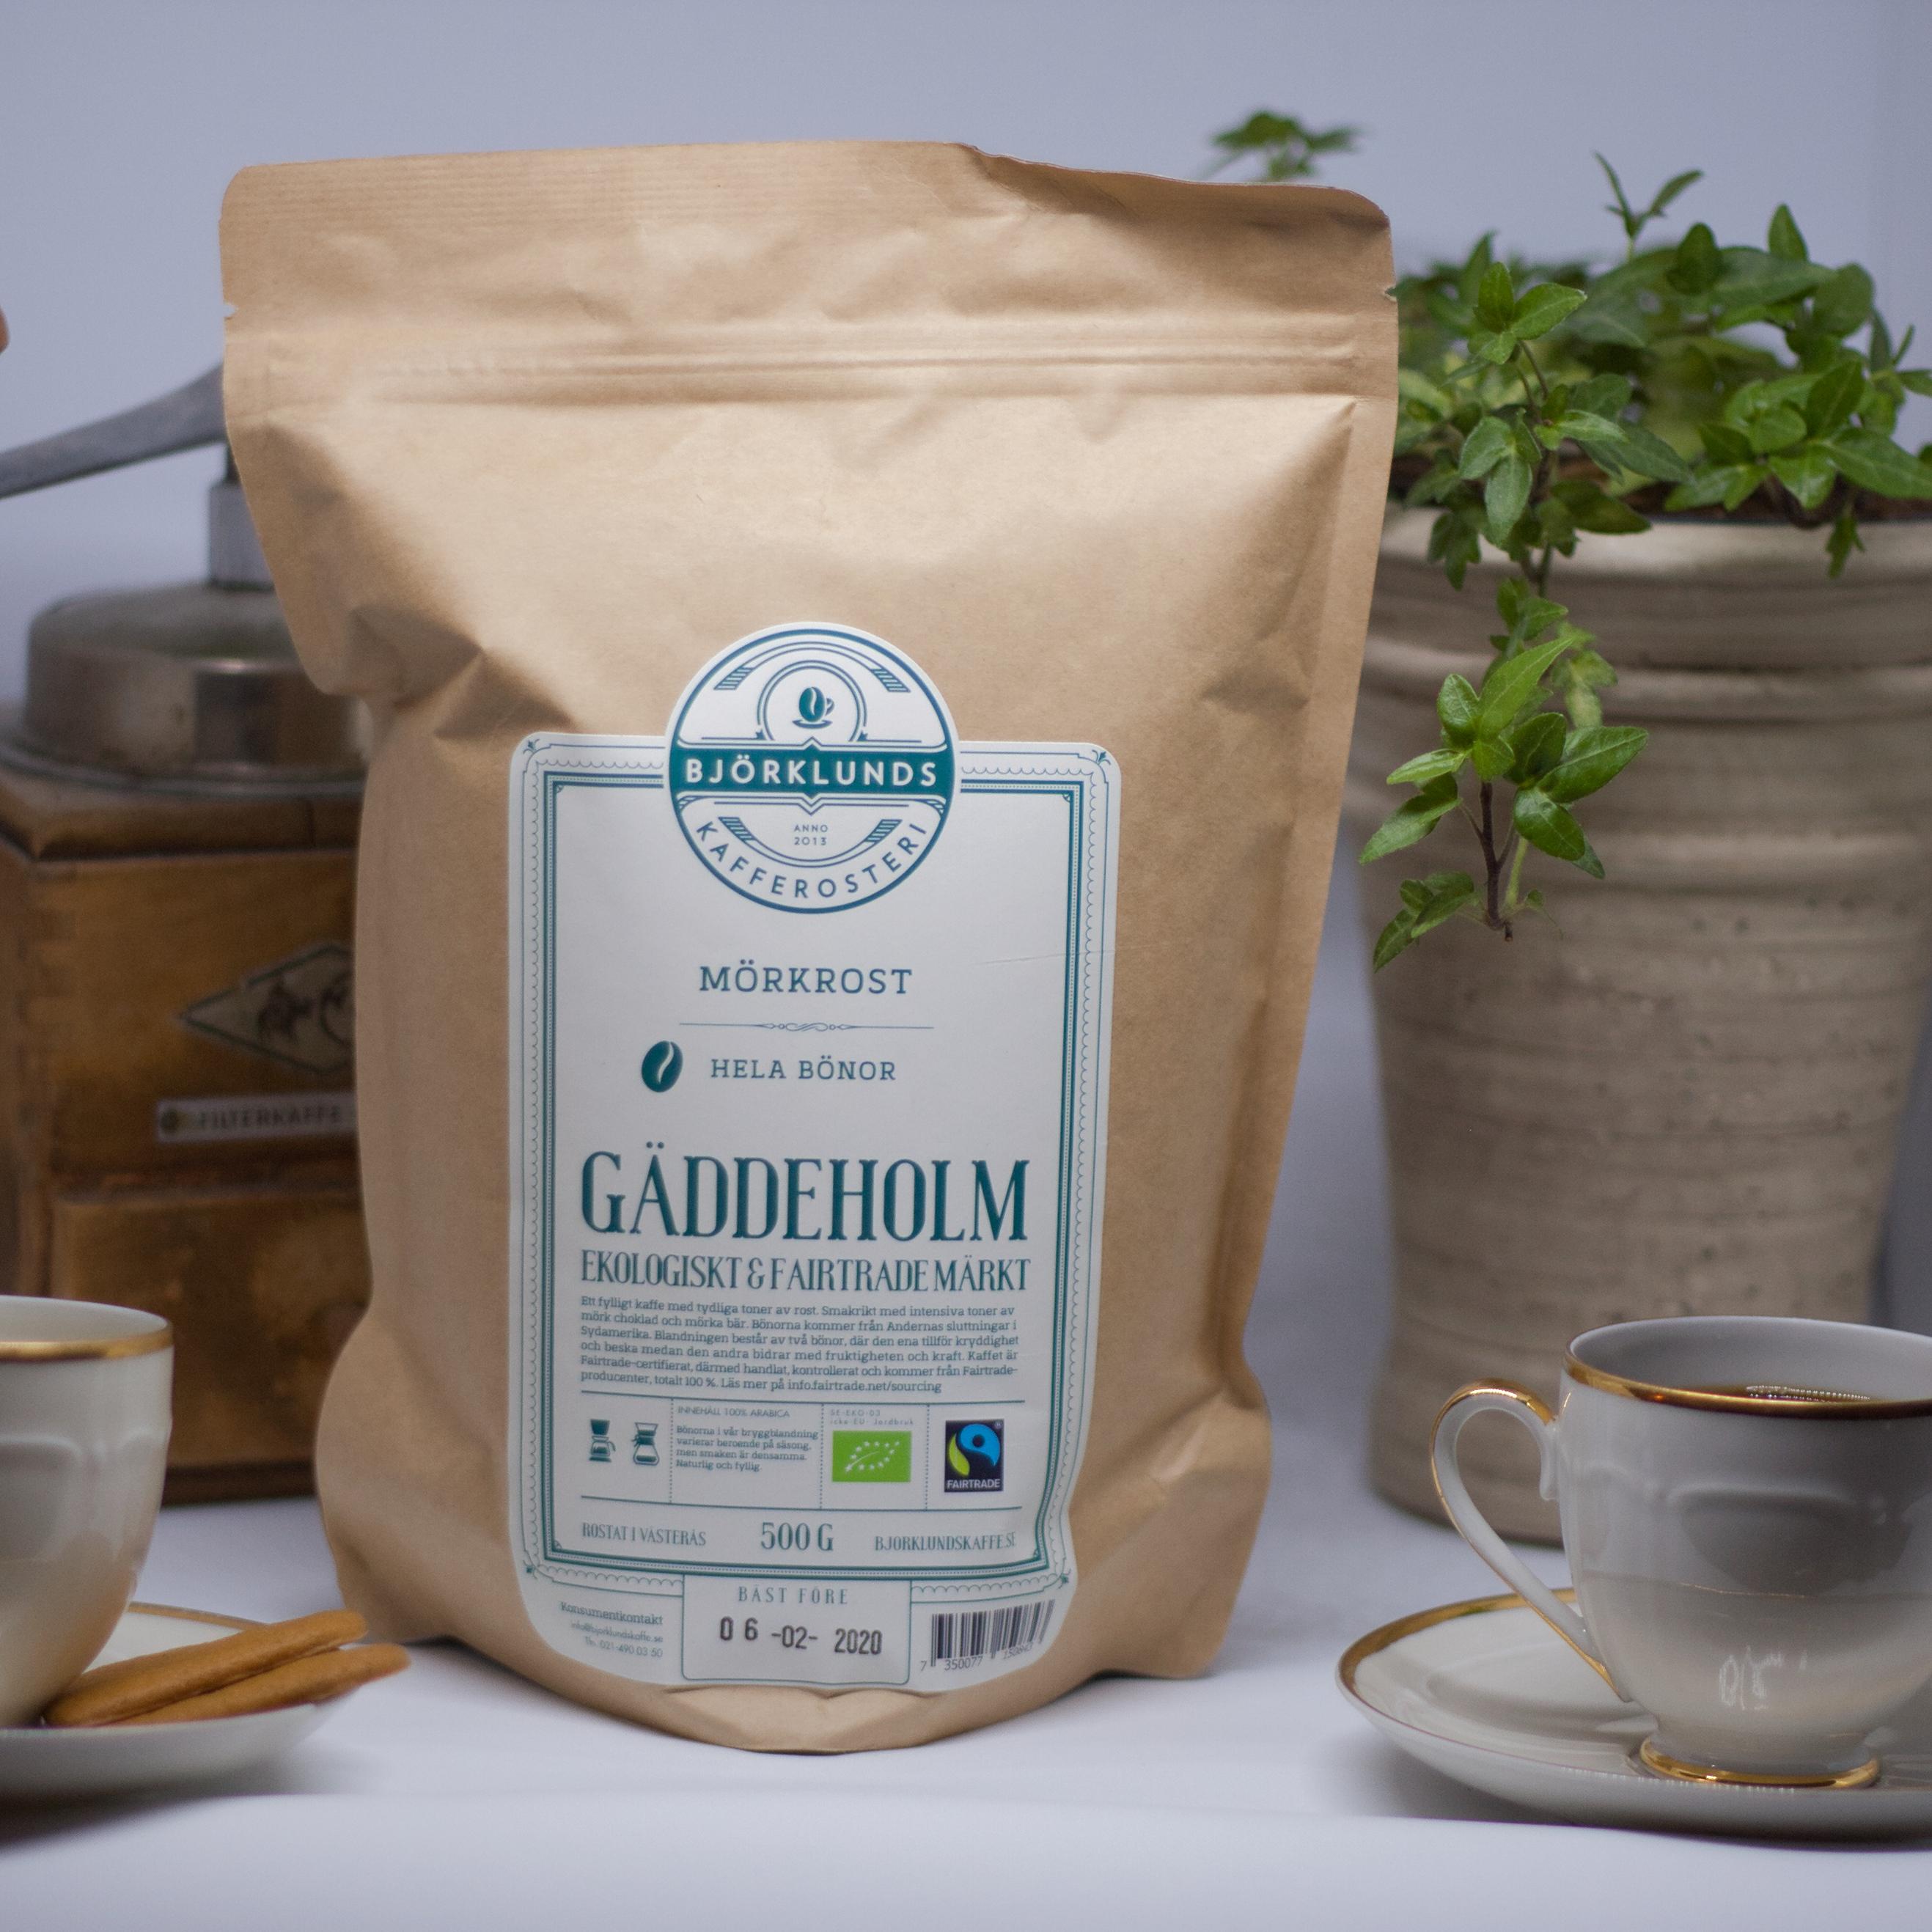 Kaffe Gäddeholm mörk, 500g